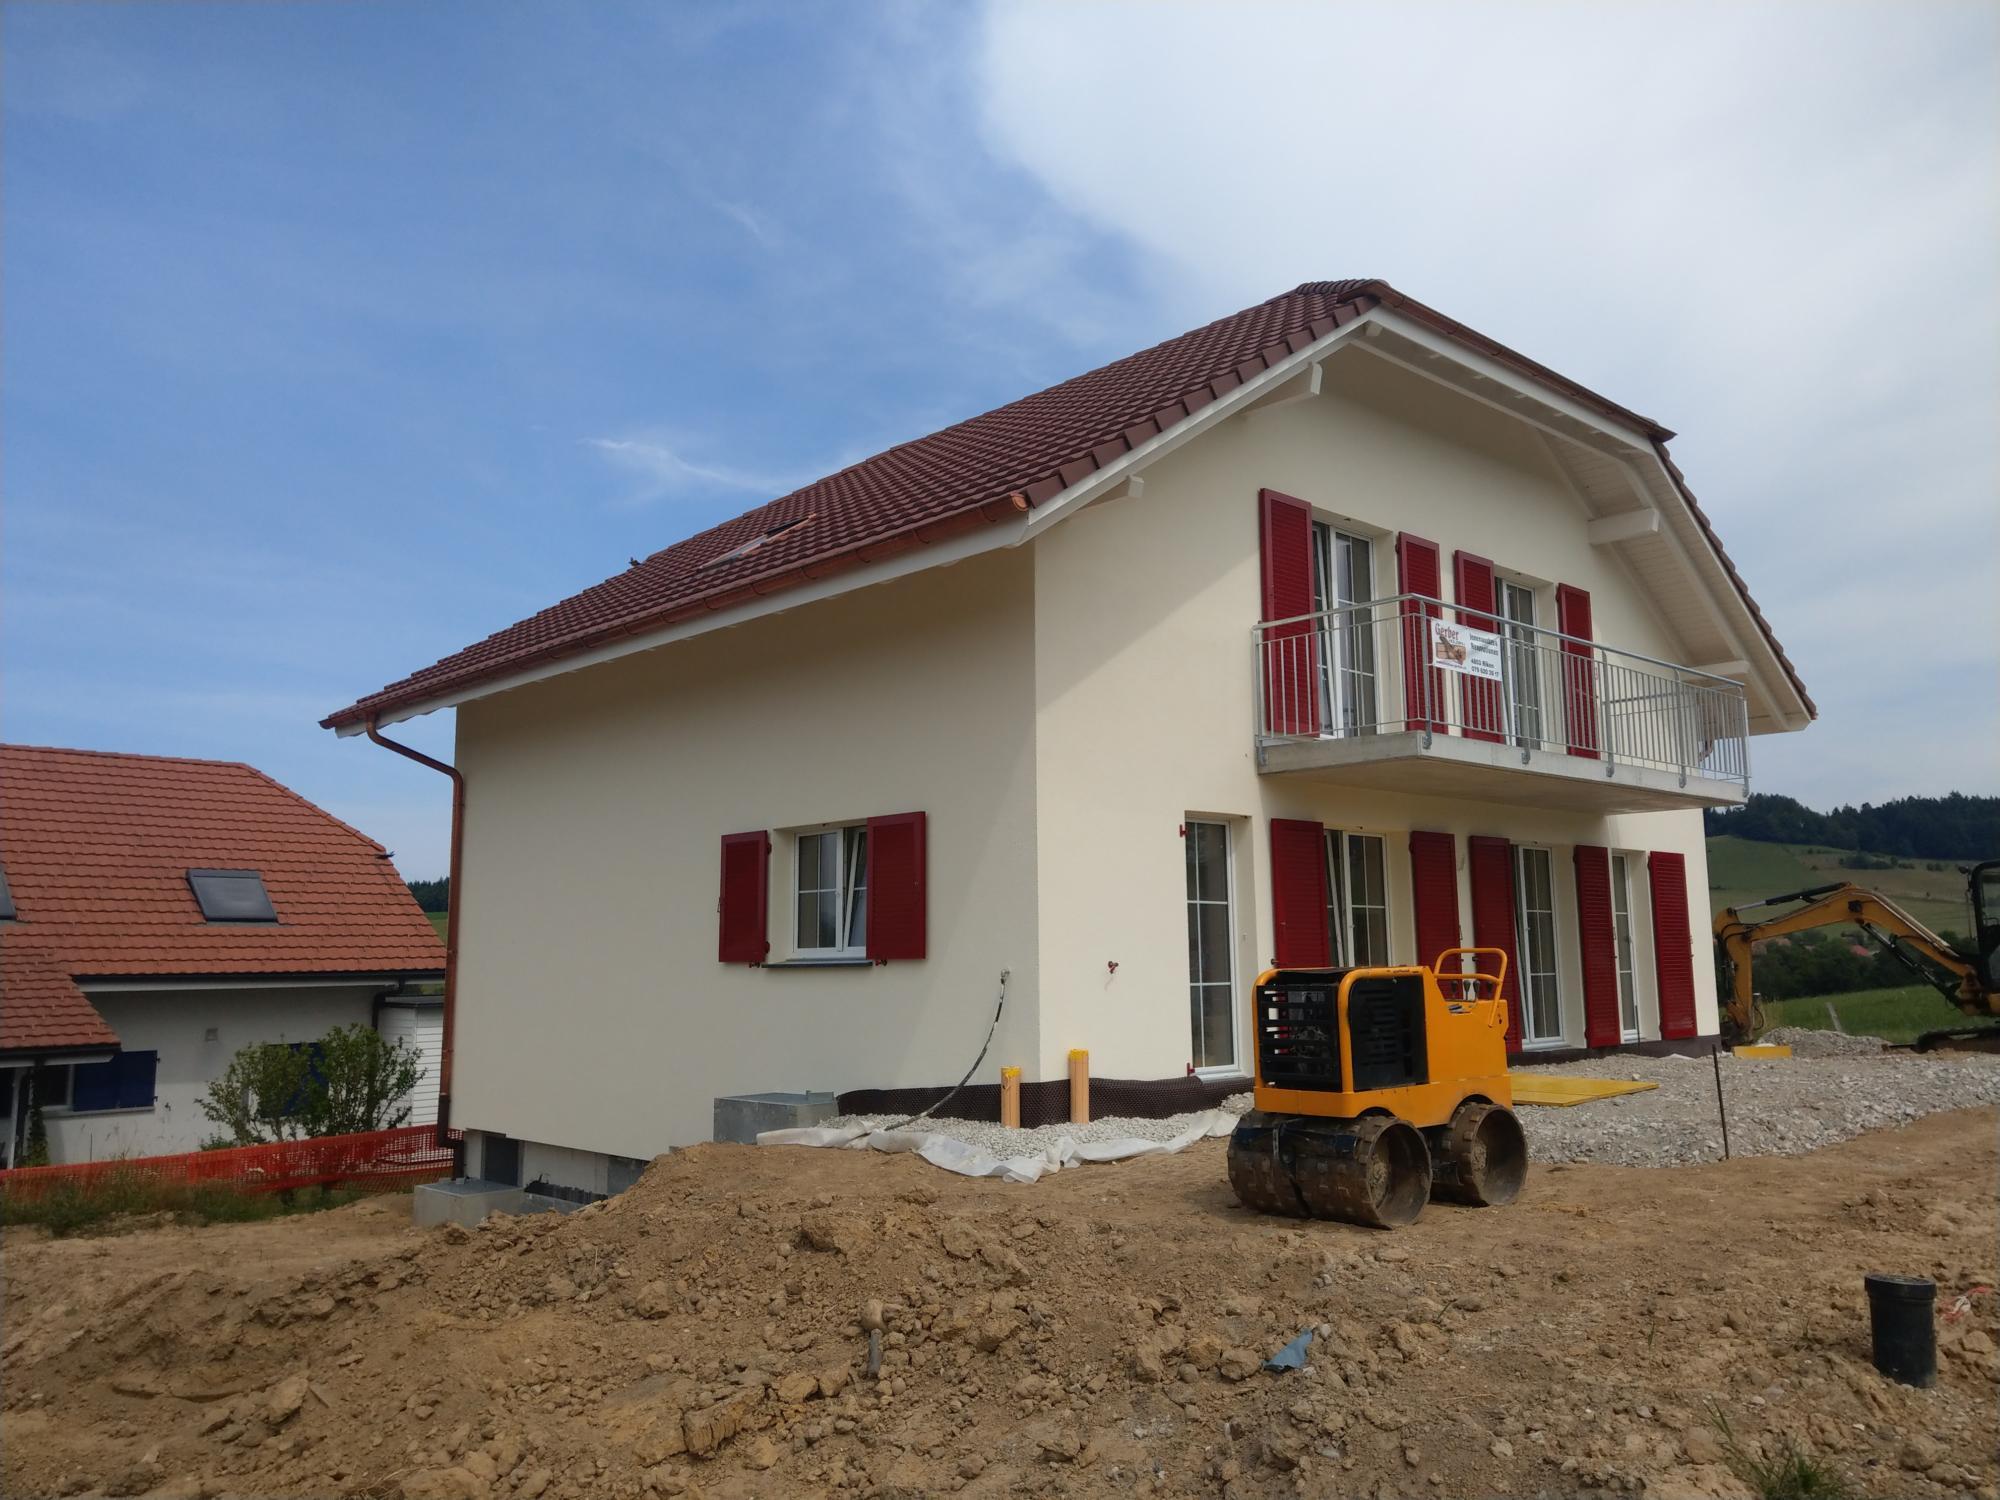 Fensterlaeden Landolt Untersteckholz | Referenzen Storen Service Konzelmann